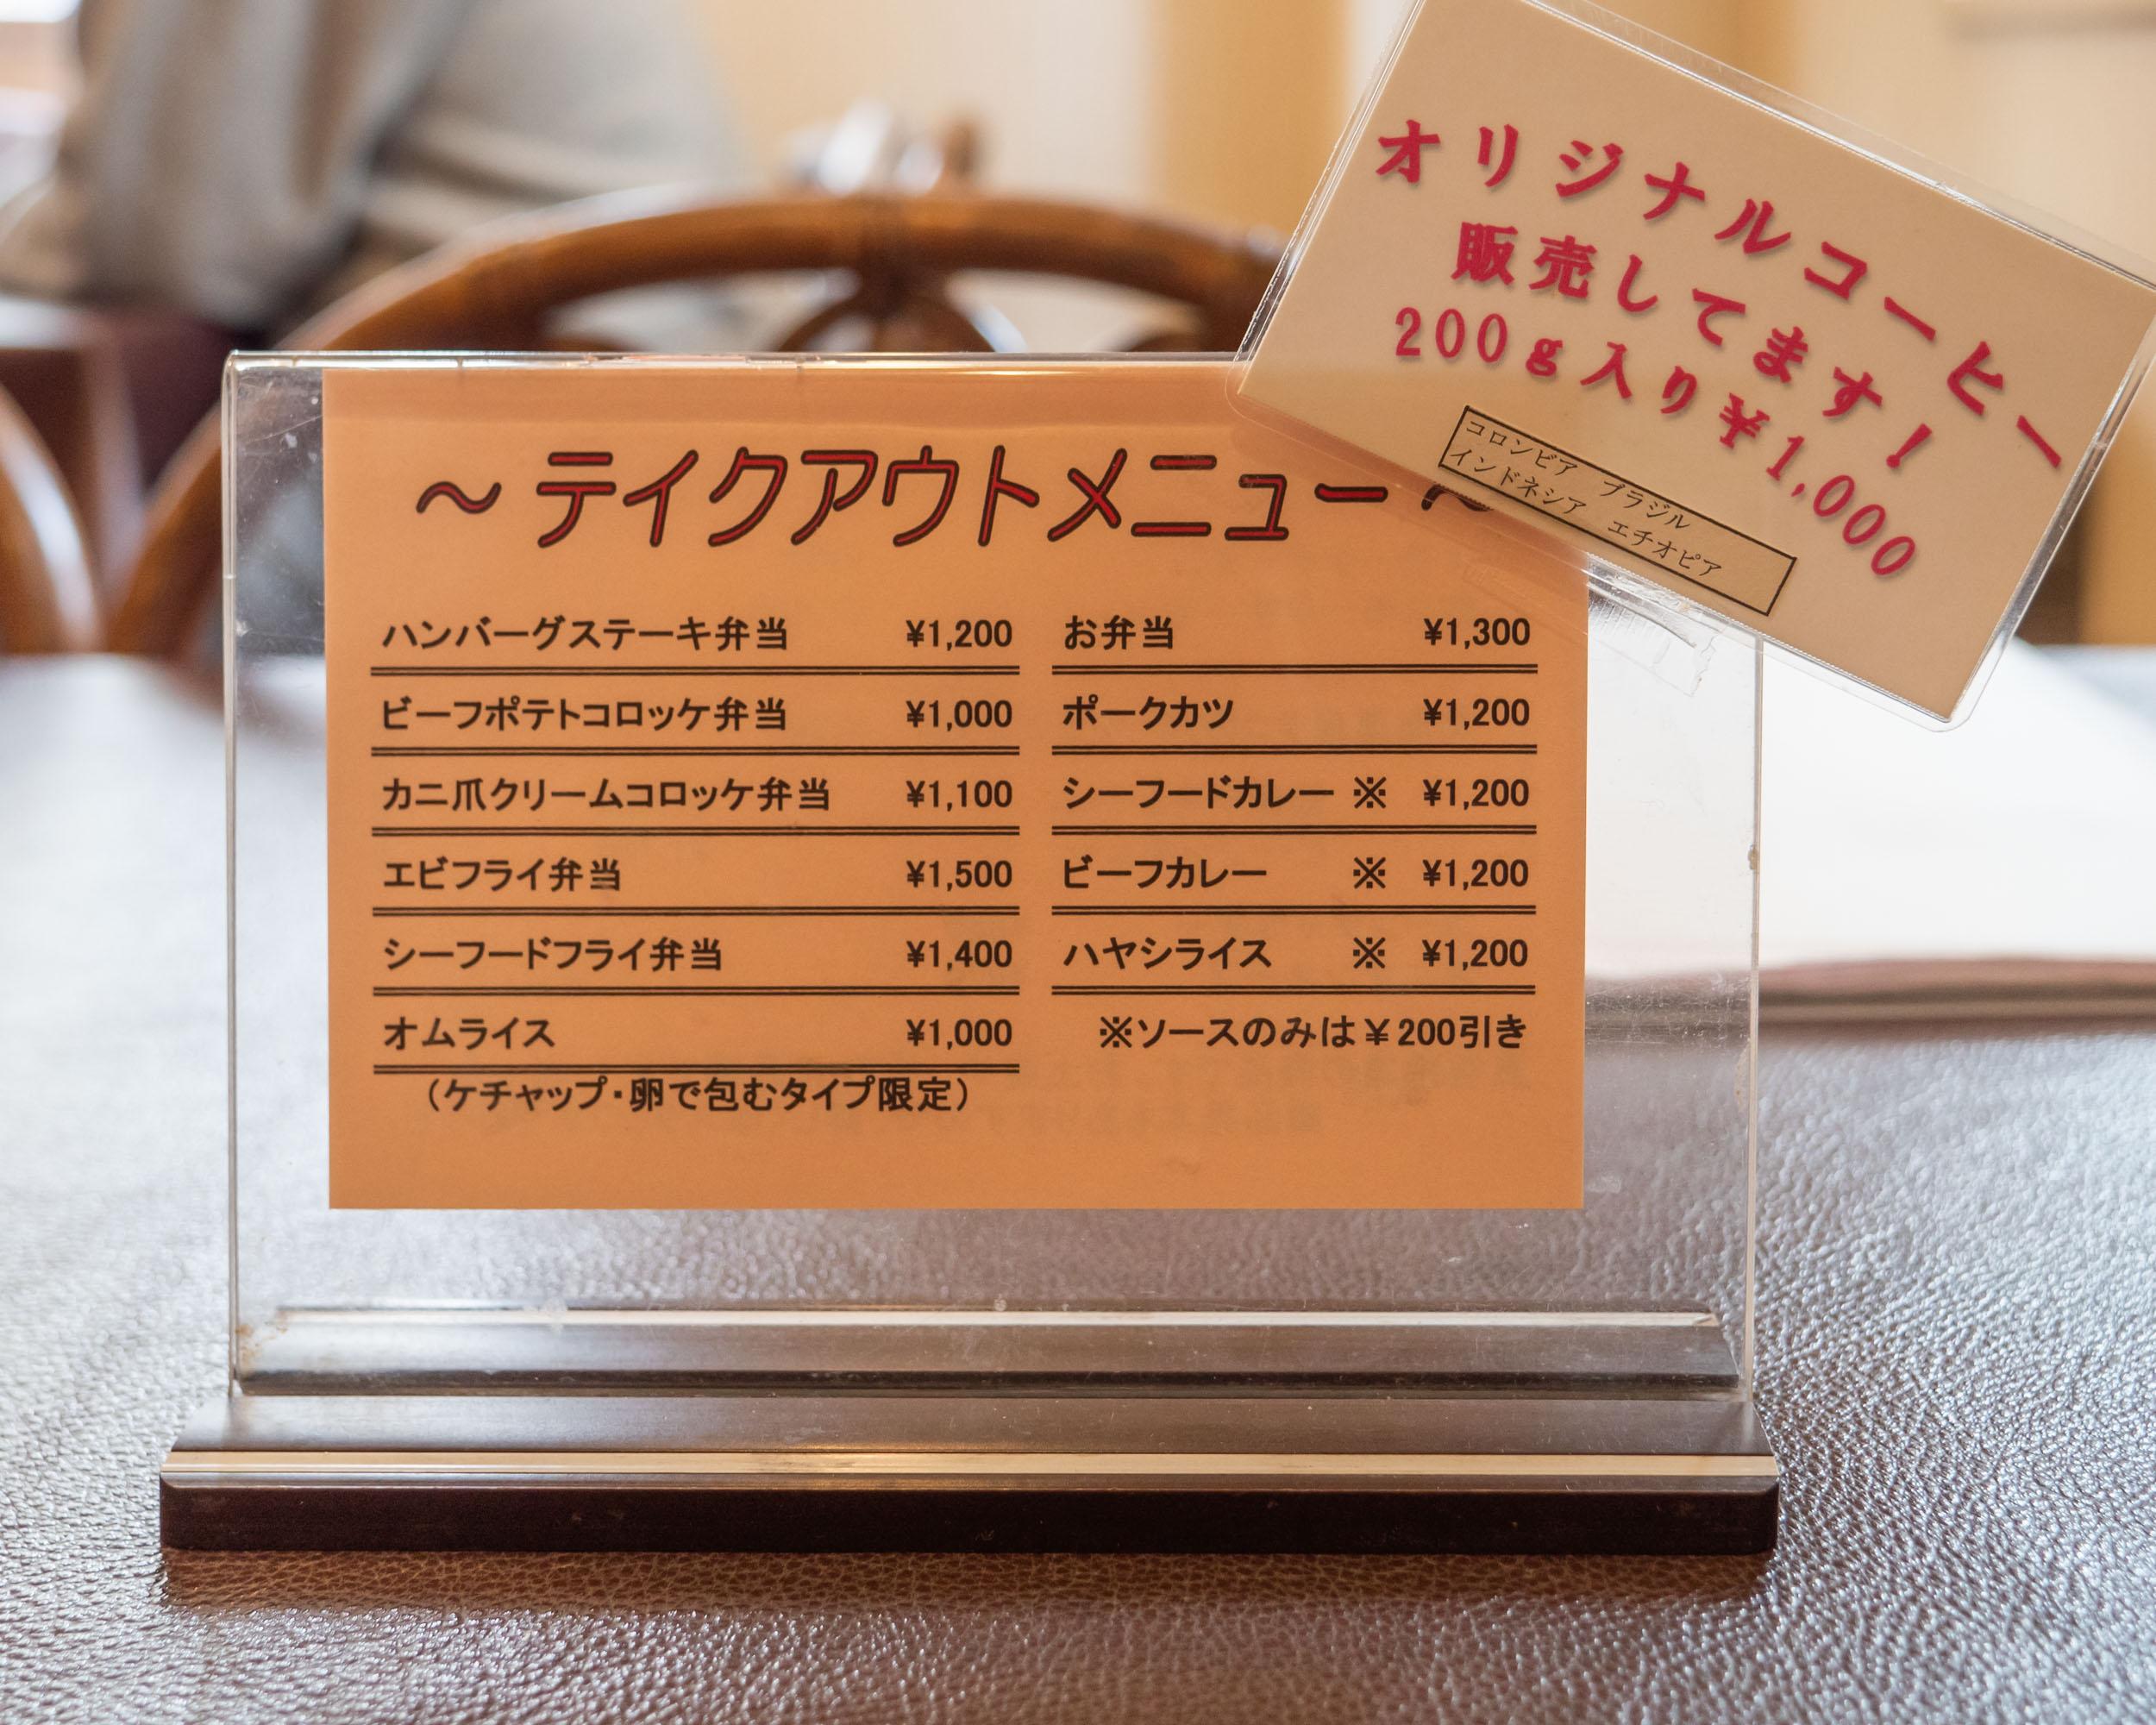 レストラン MURAのテイクアウトメニュー DMC-GX8 + LEICA DG 12-60mm